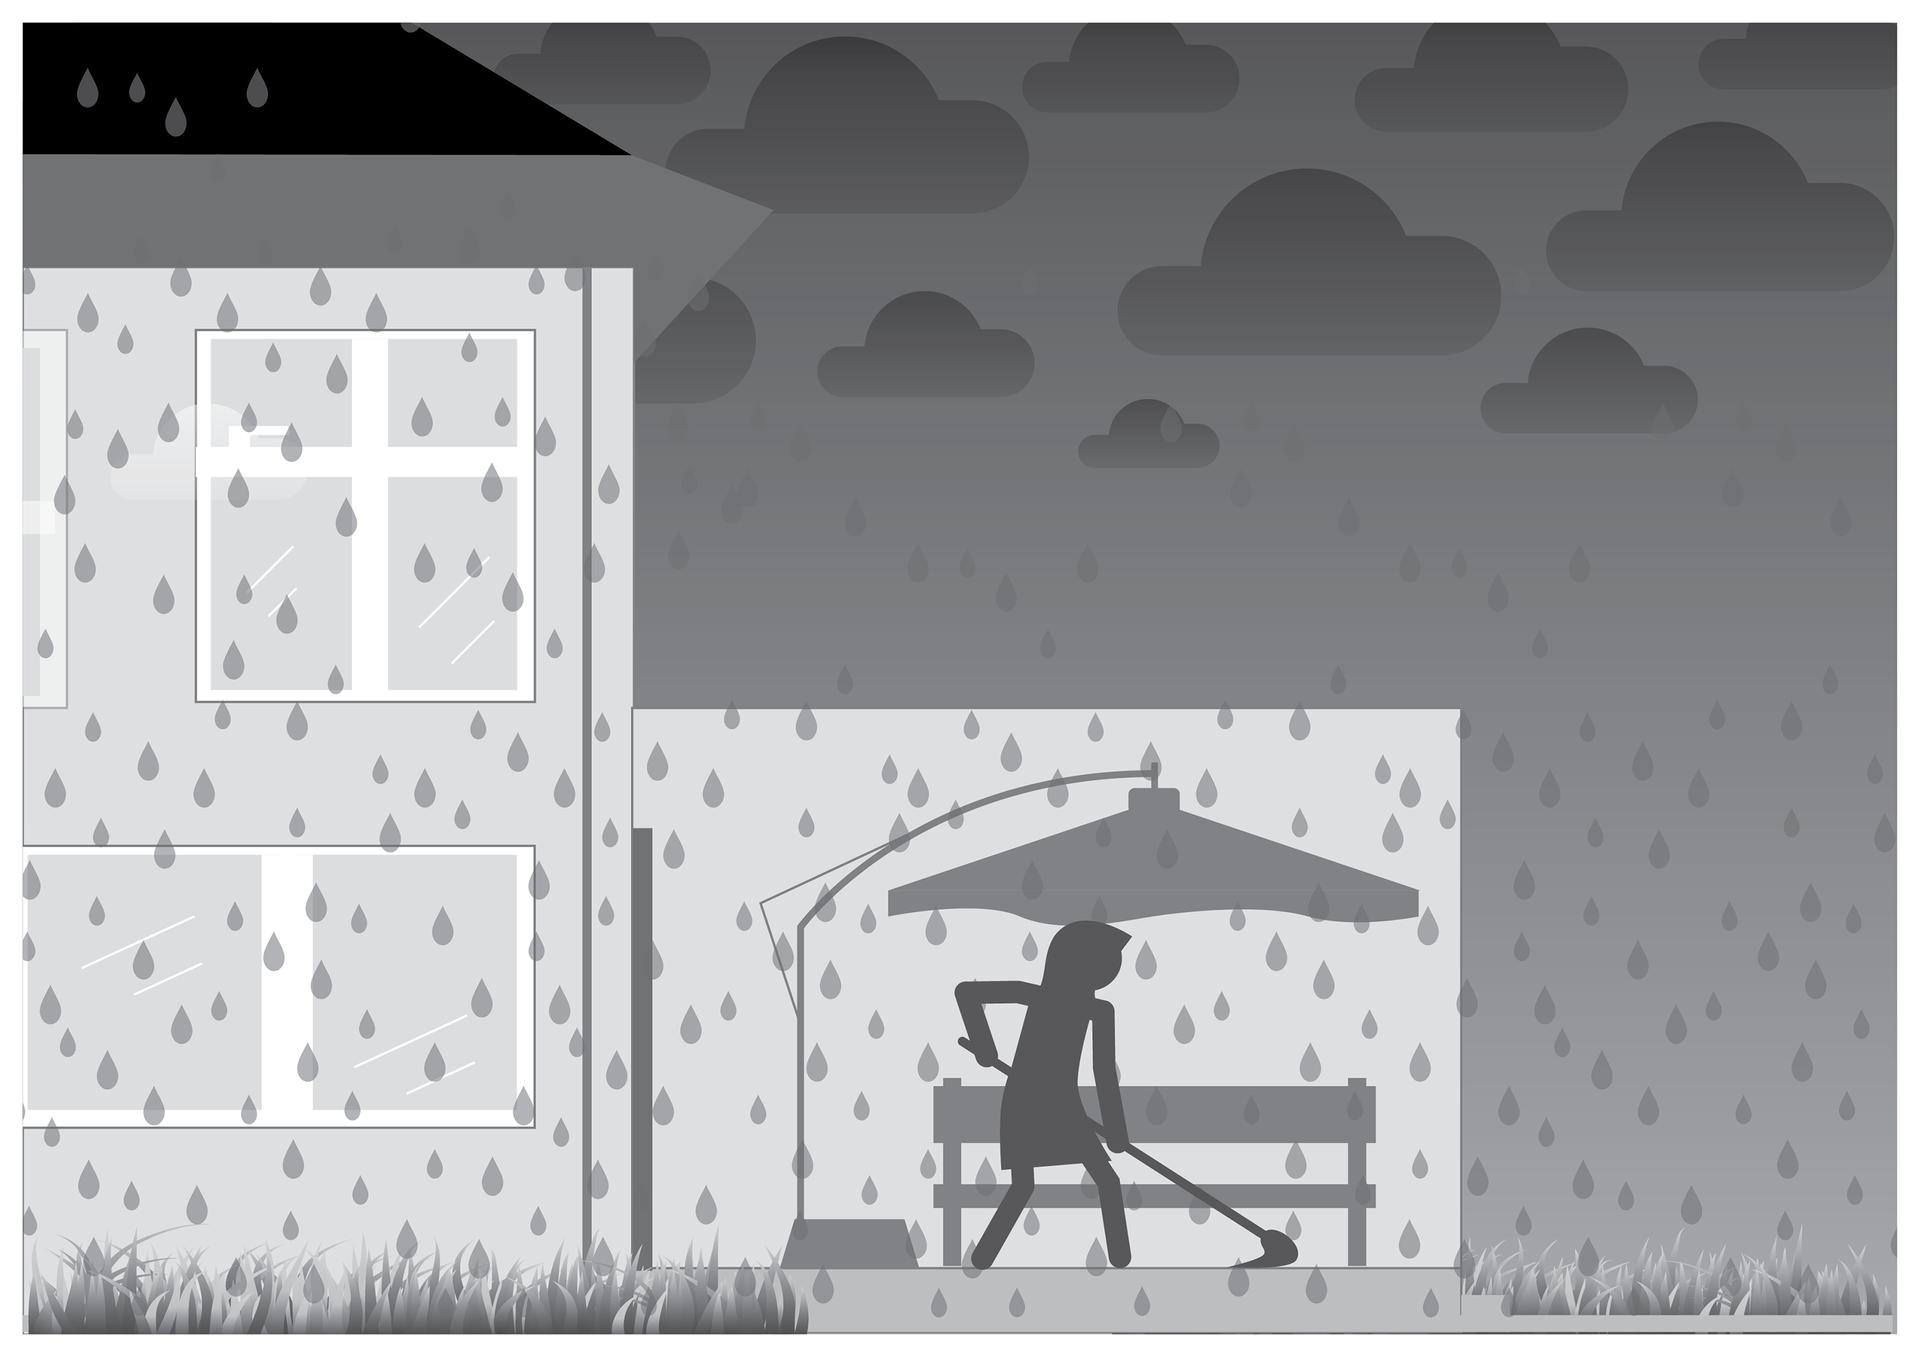 Druga ilustracja wgalerii. Przedstawia czarno biały symboliczny rysunek przydomowego osłoniętego tarasu zławką iparasolem ogrodowym. Gęsto rozmieszczone krople na całym obszarze planszy iciemne niebo wskazują deszczową pogodę. Na tarasie sylwetka człowieka czyszczącego posadzkę mopem.